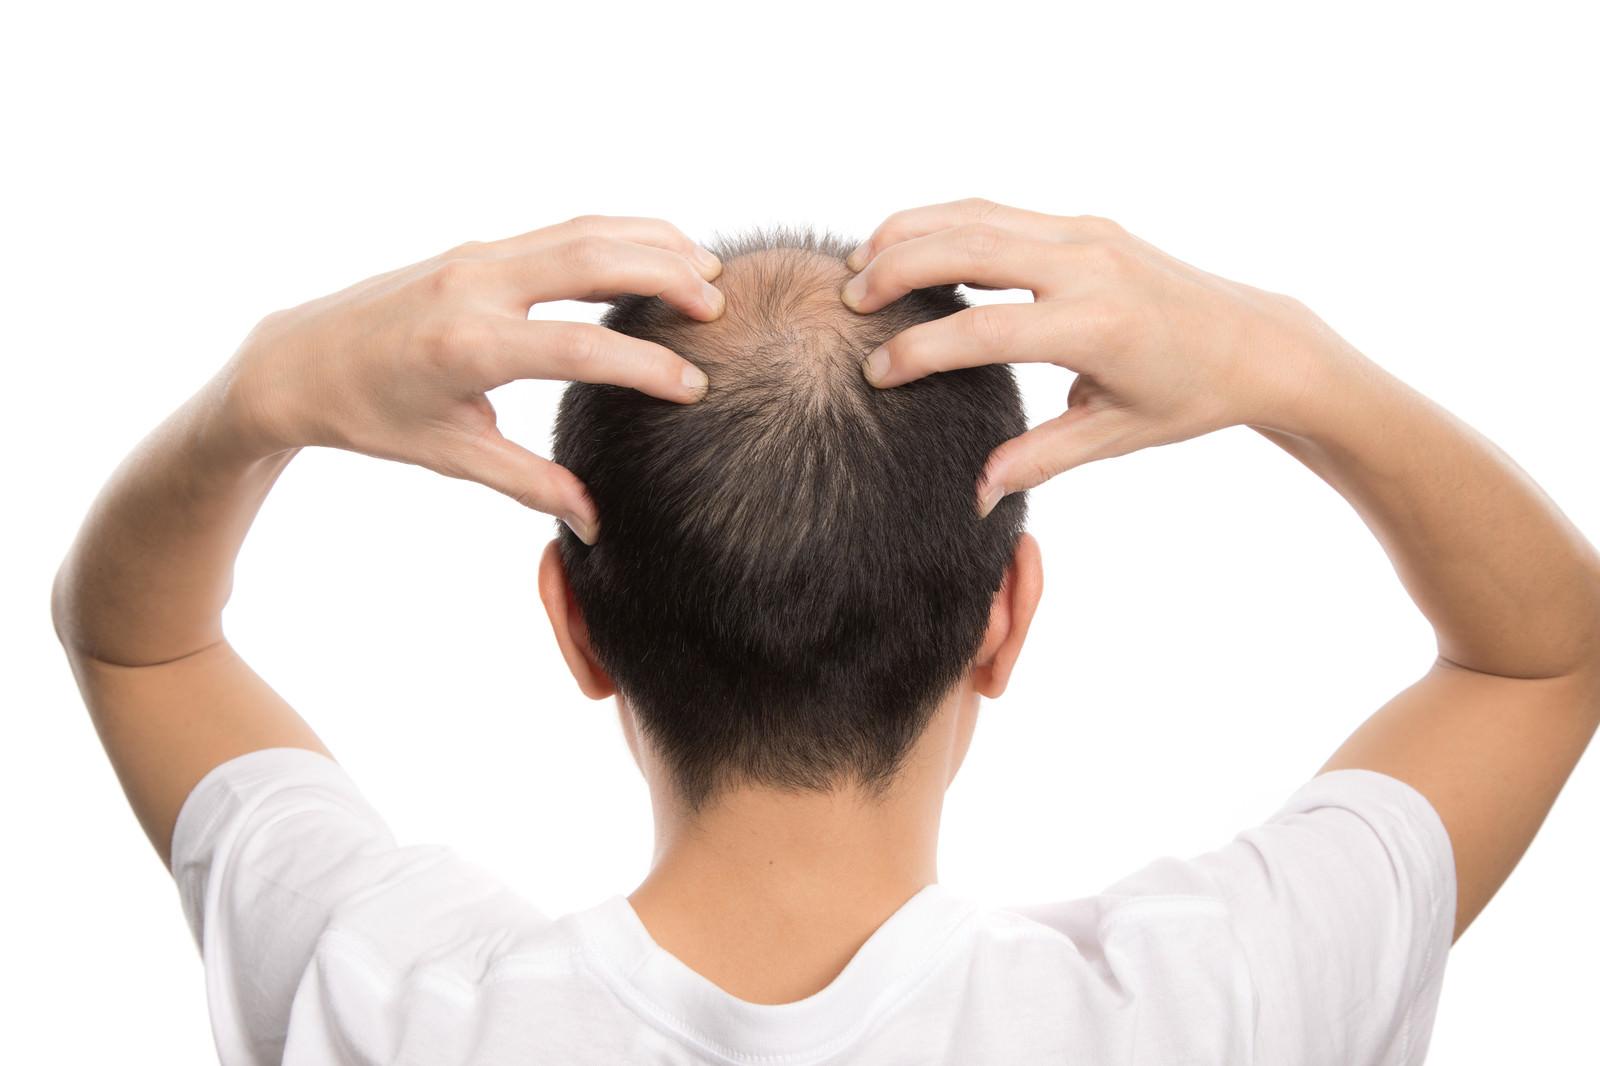 「頭部を指で刺激する薄毛男性(背後)」の写真[モデル:サンライズ鈴木]